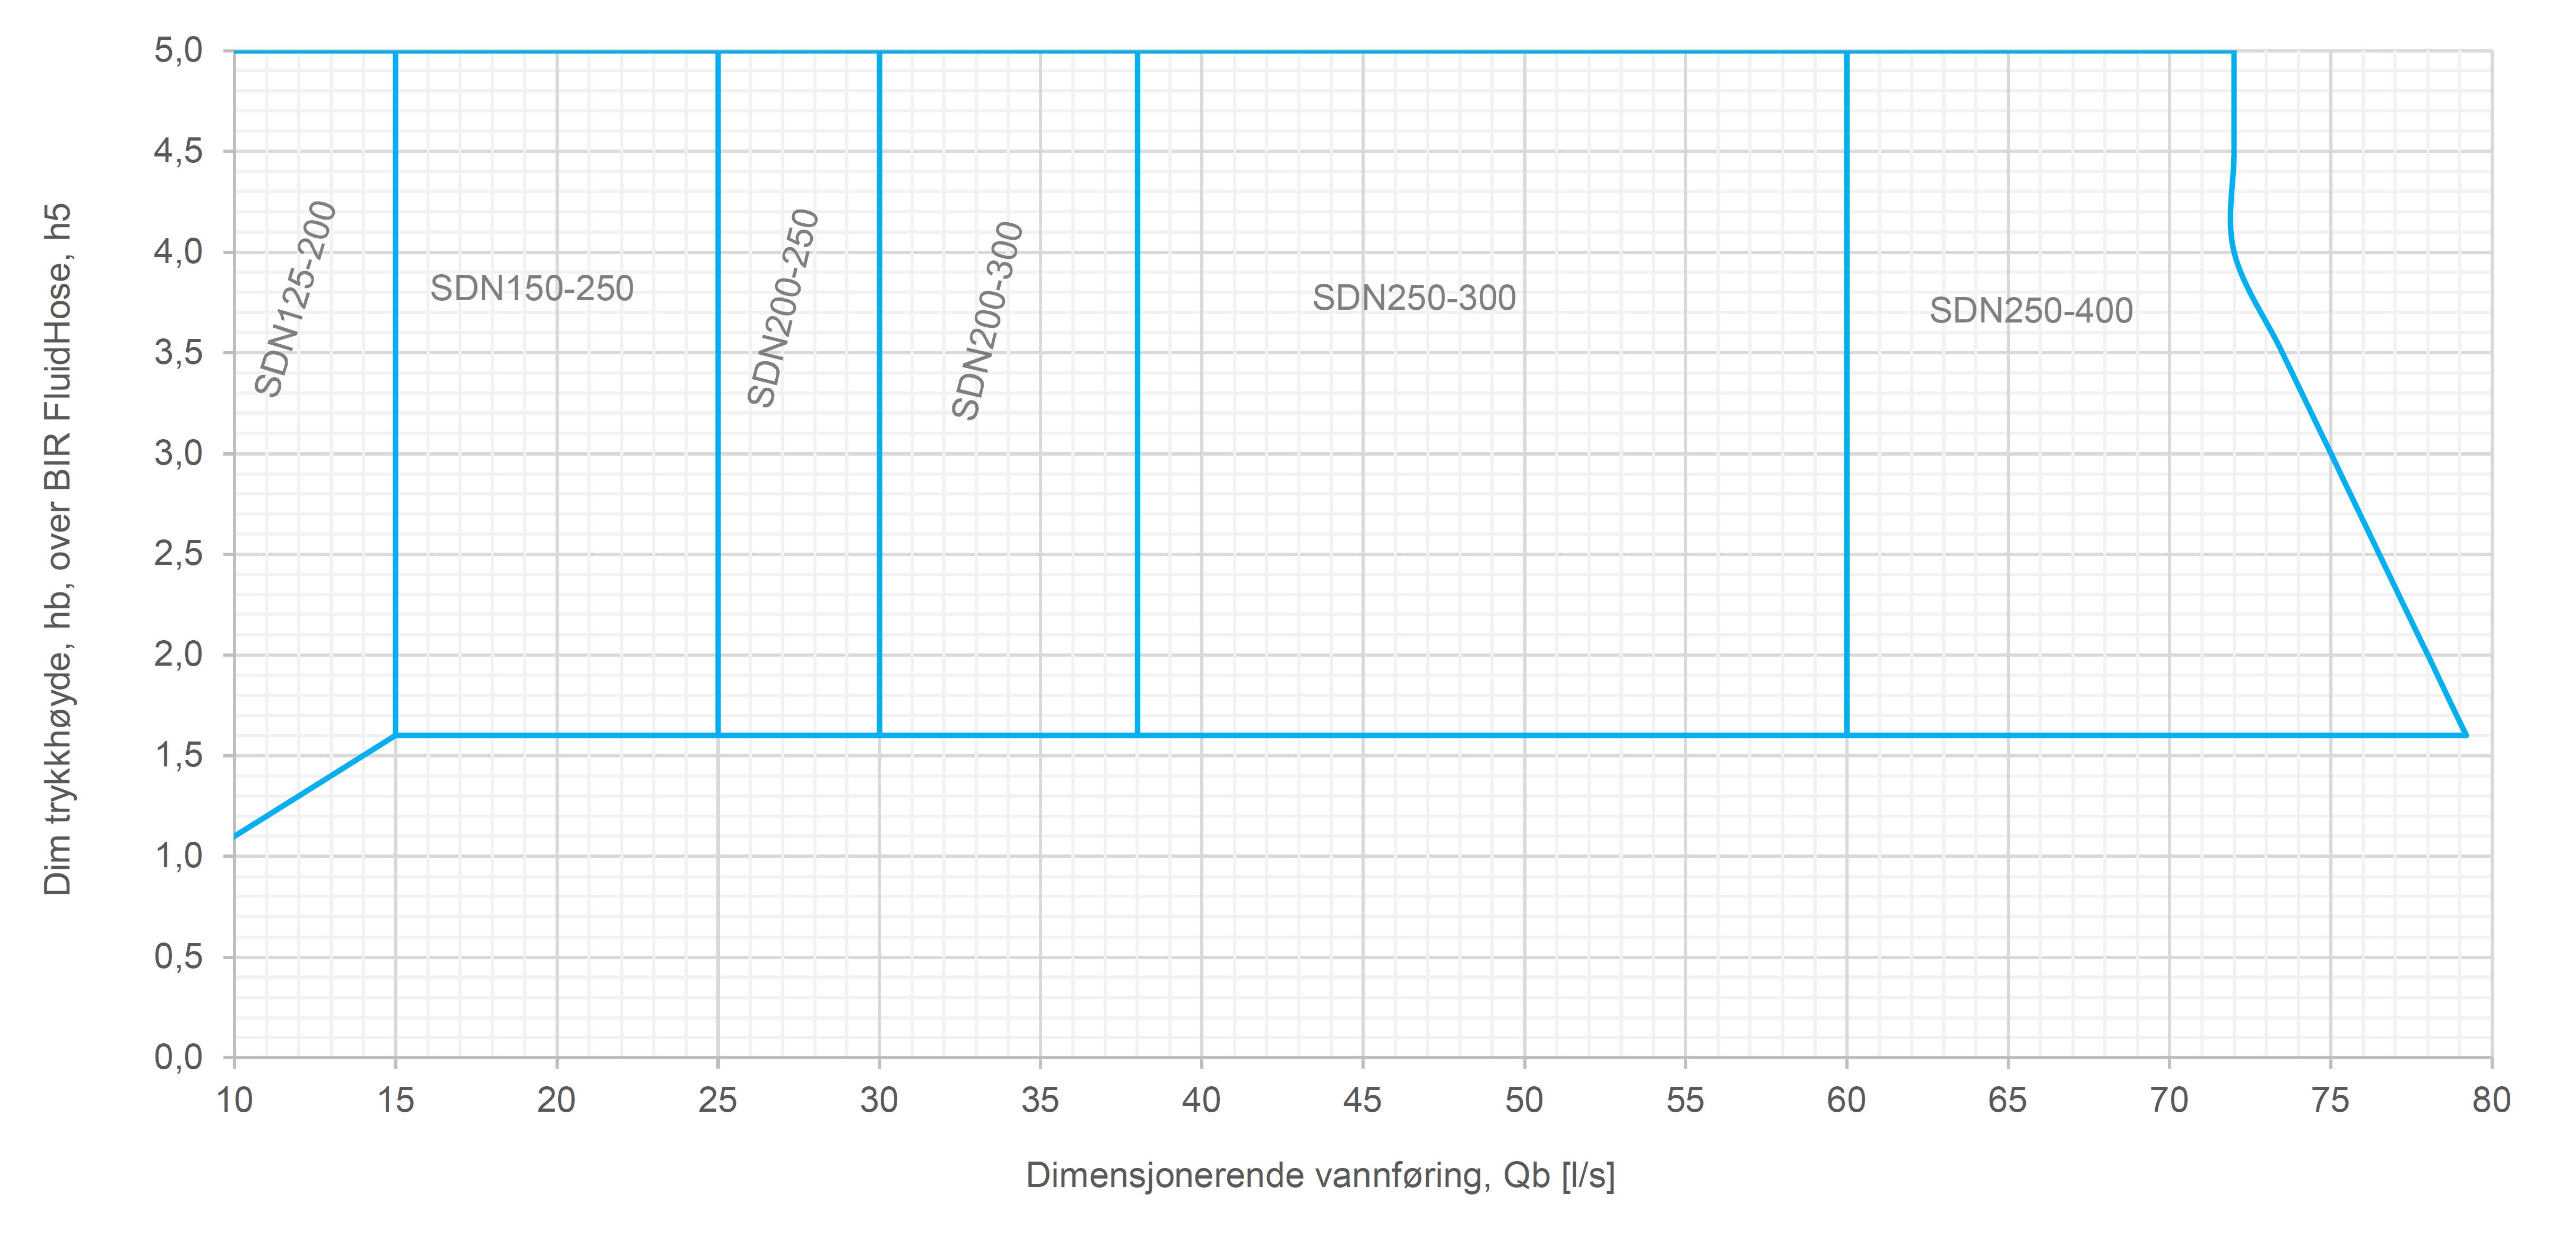 FluidHose SDn kapasitet 11-80 l/s